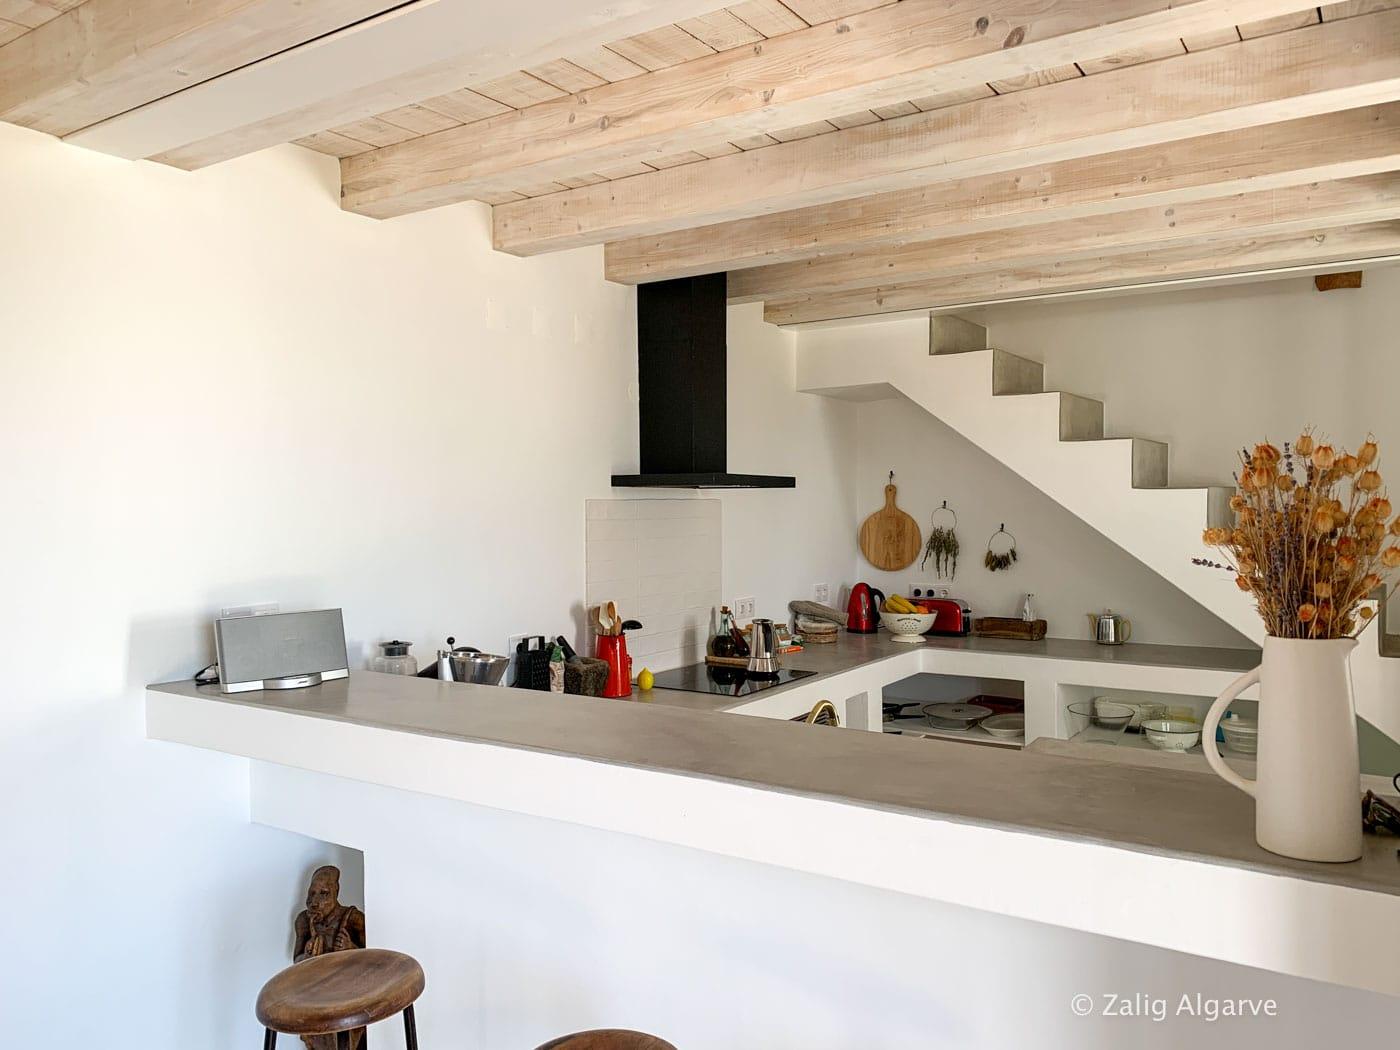 casa-linear-zalig-Algarve-36_1